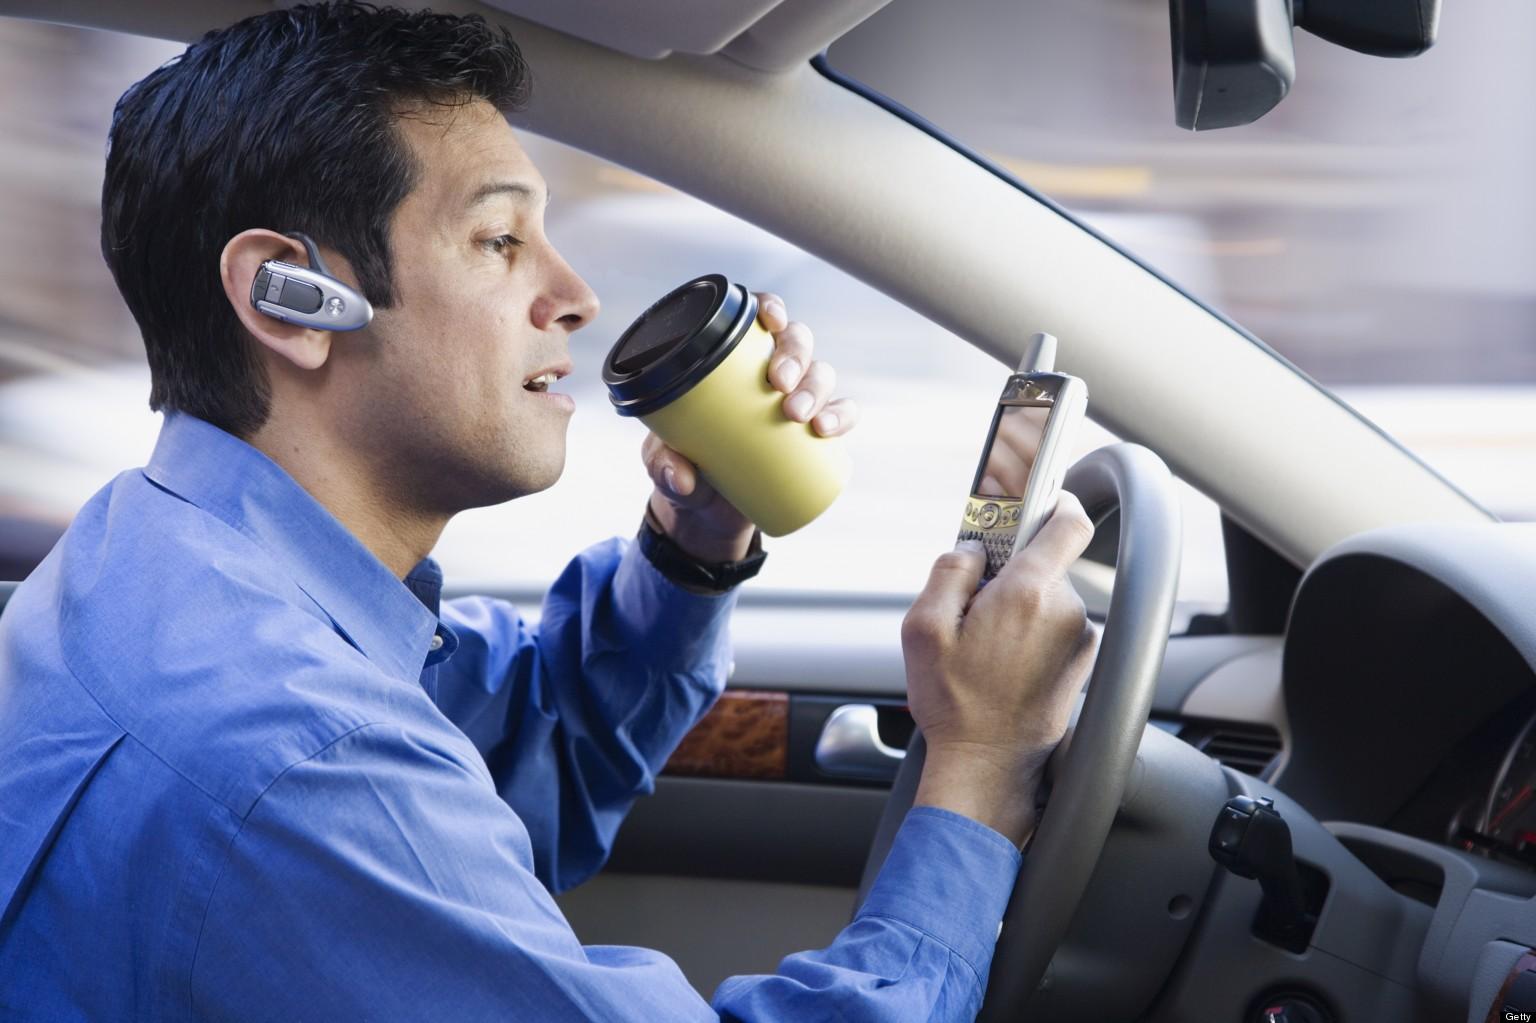 Телефон за рулем отвлекает водителя